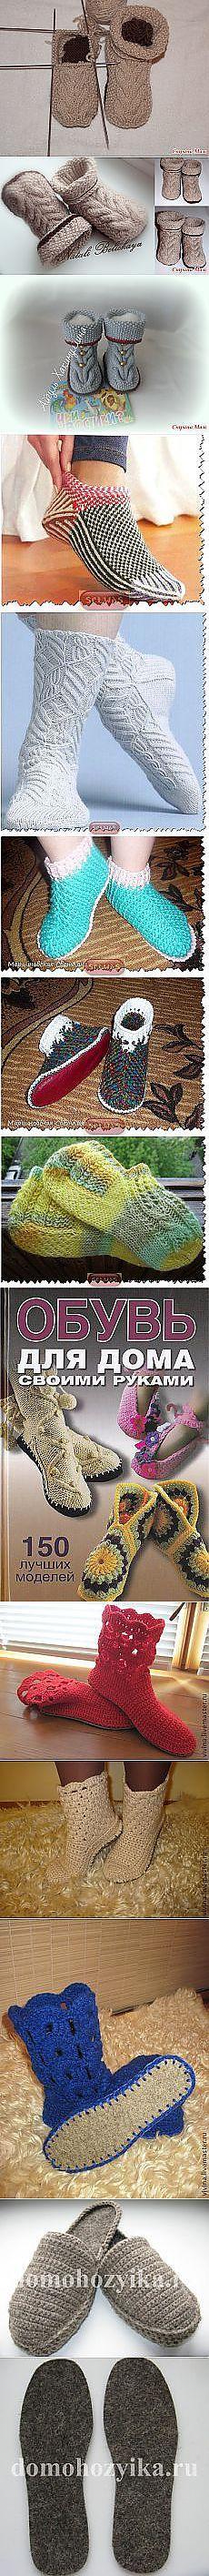 Вера Тишинская: Вязанная обувь | Постила.ru | утепляем ножки | Постила